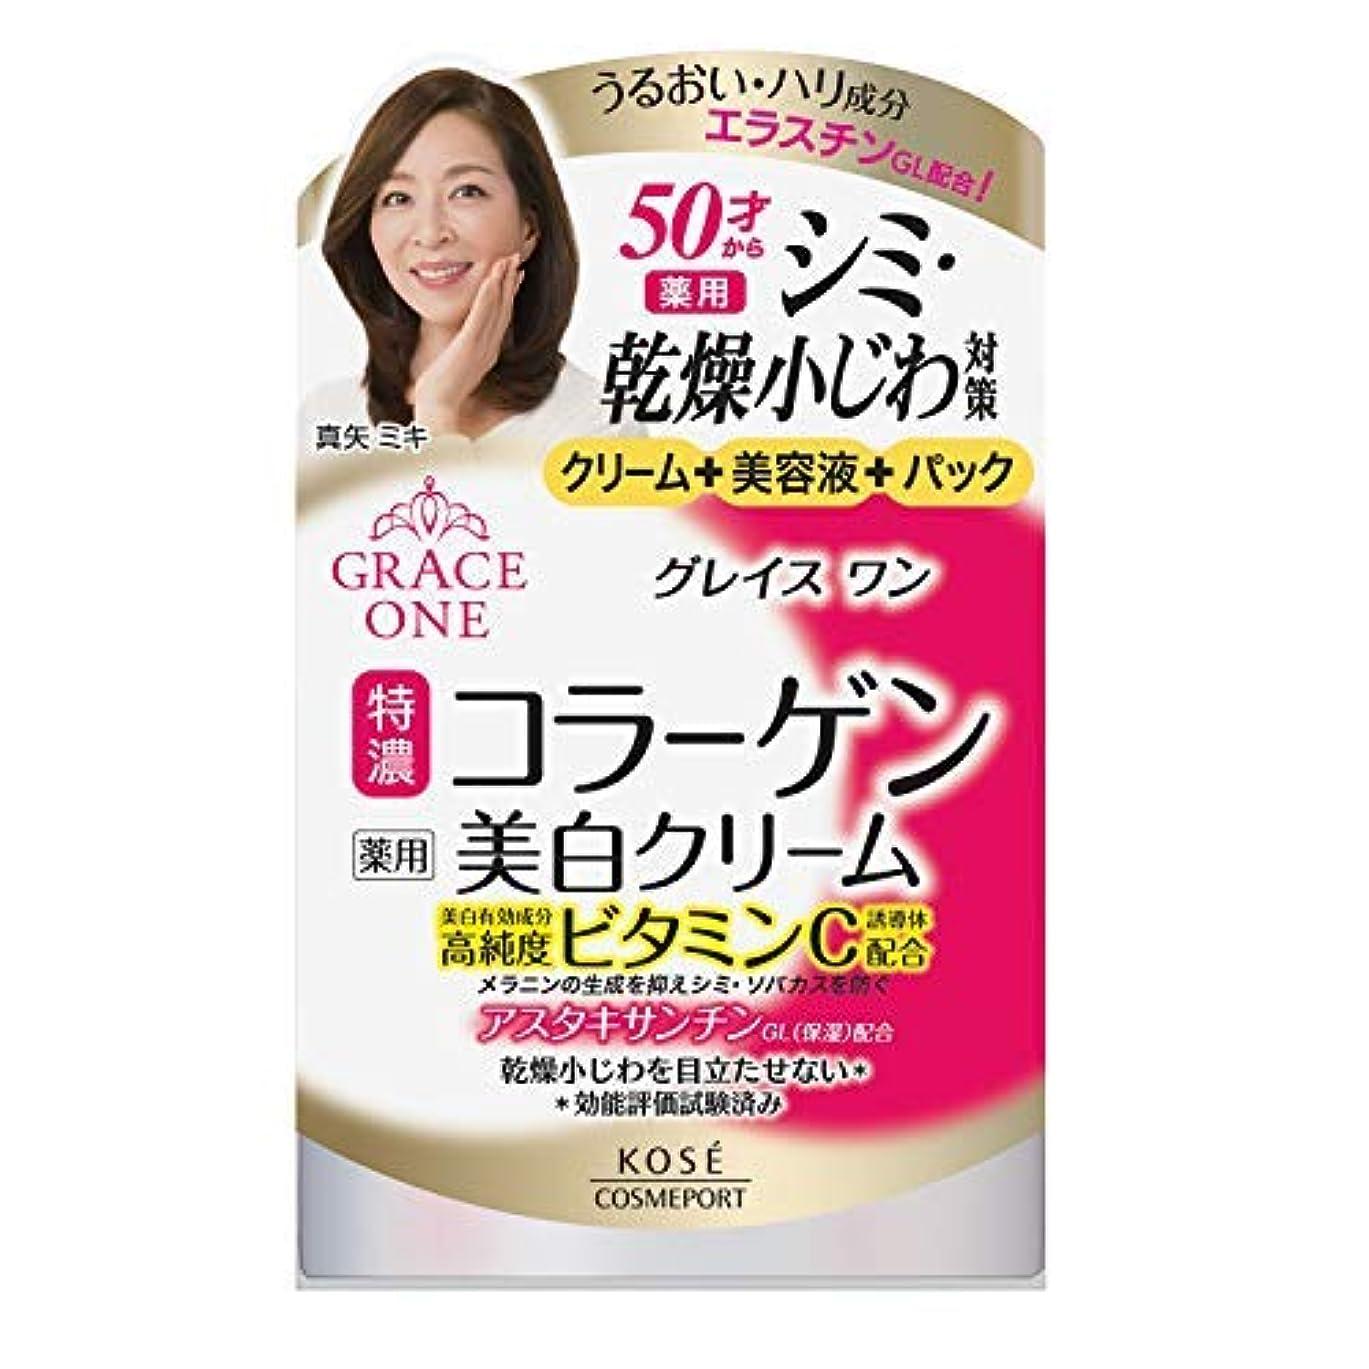 機関スリッパ権威(医薬部外品) KOSE コーセー グレイスワン 薬用美白 ホワイトニング クリーム 100g